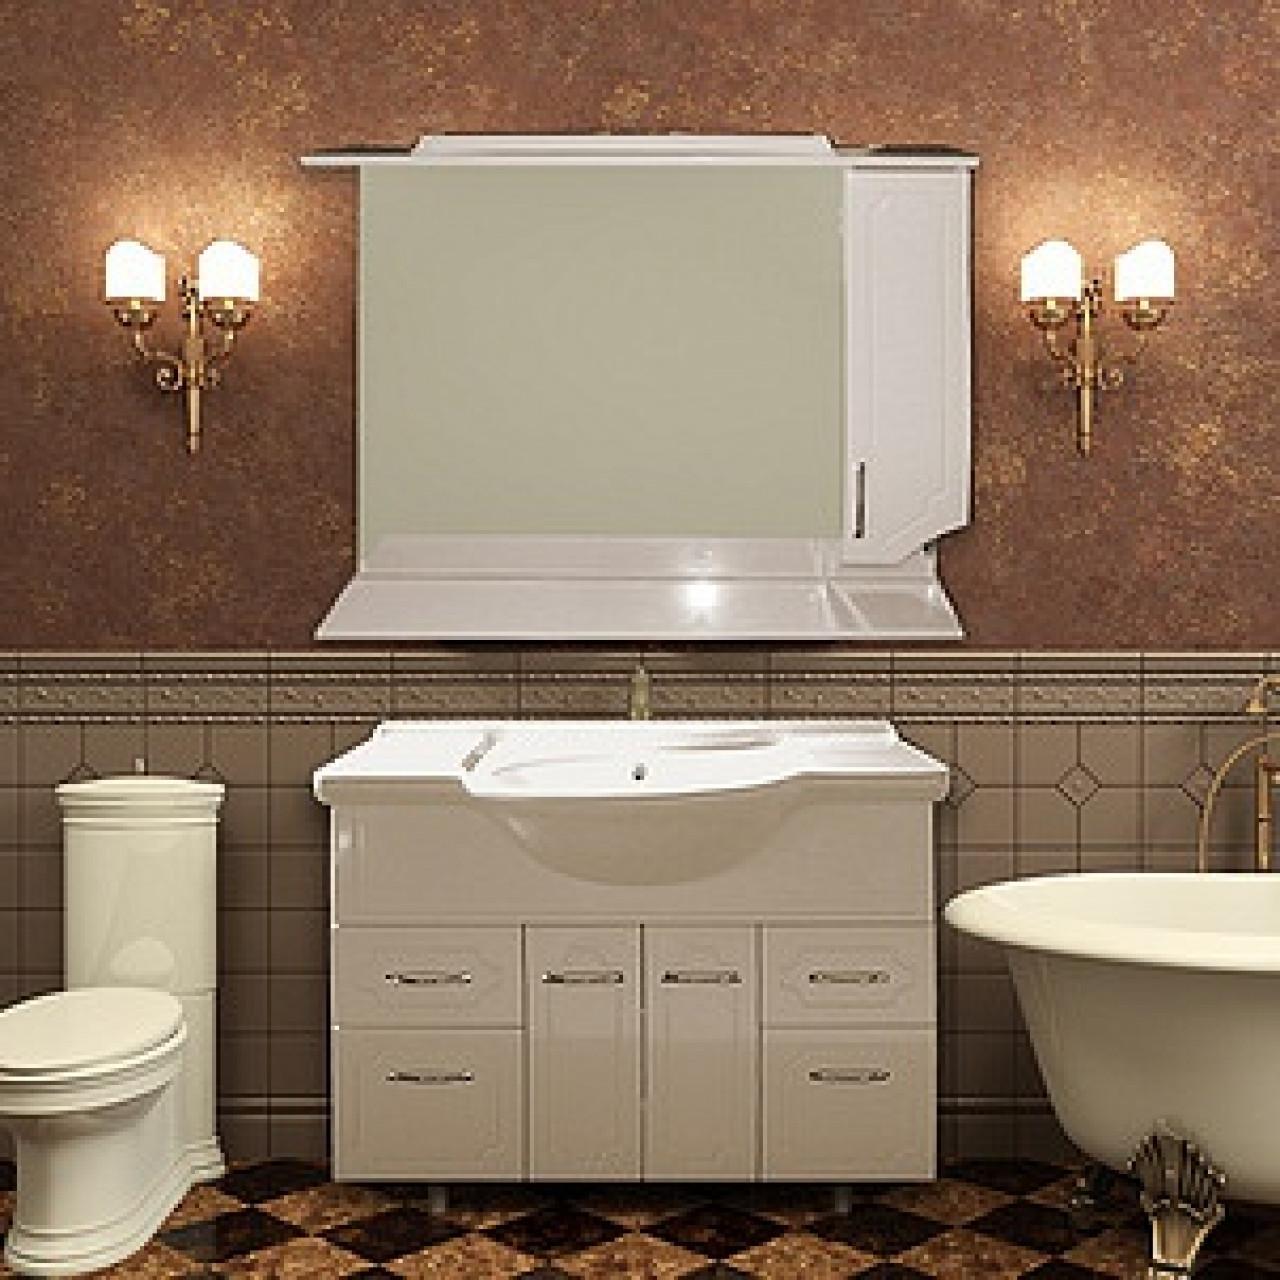 Комплект мебели Ferrara Ассоль 105 купить в Москве по цене от 22370р. в интернет-магазине mebel-v-vannu.ru